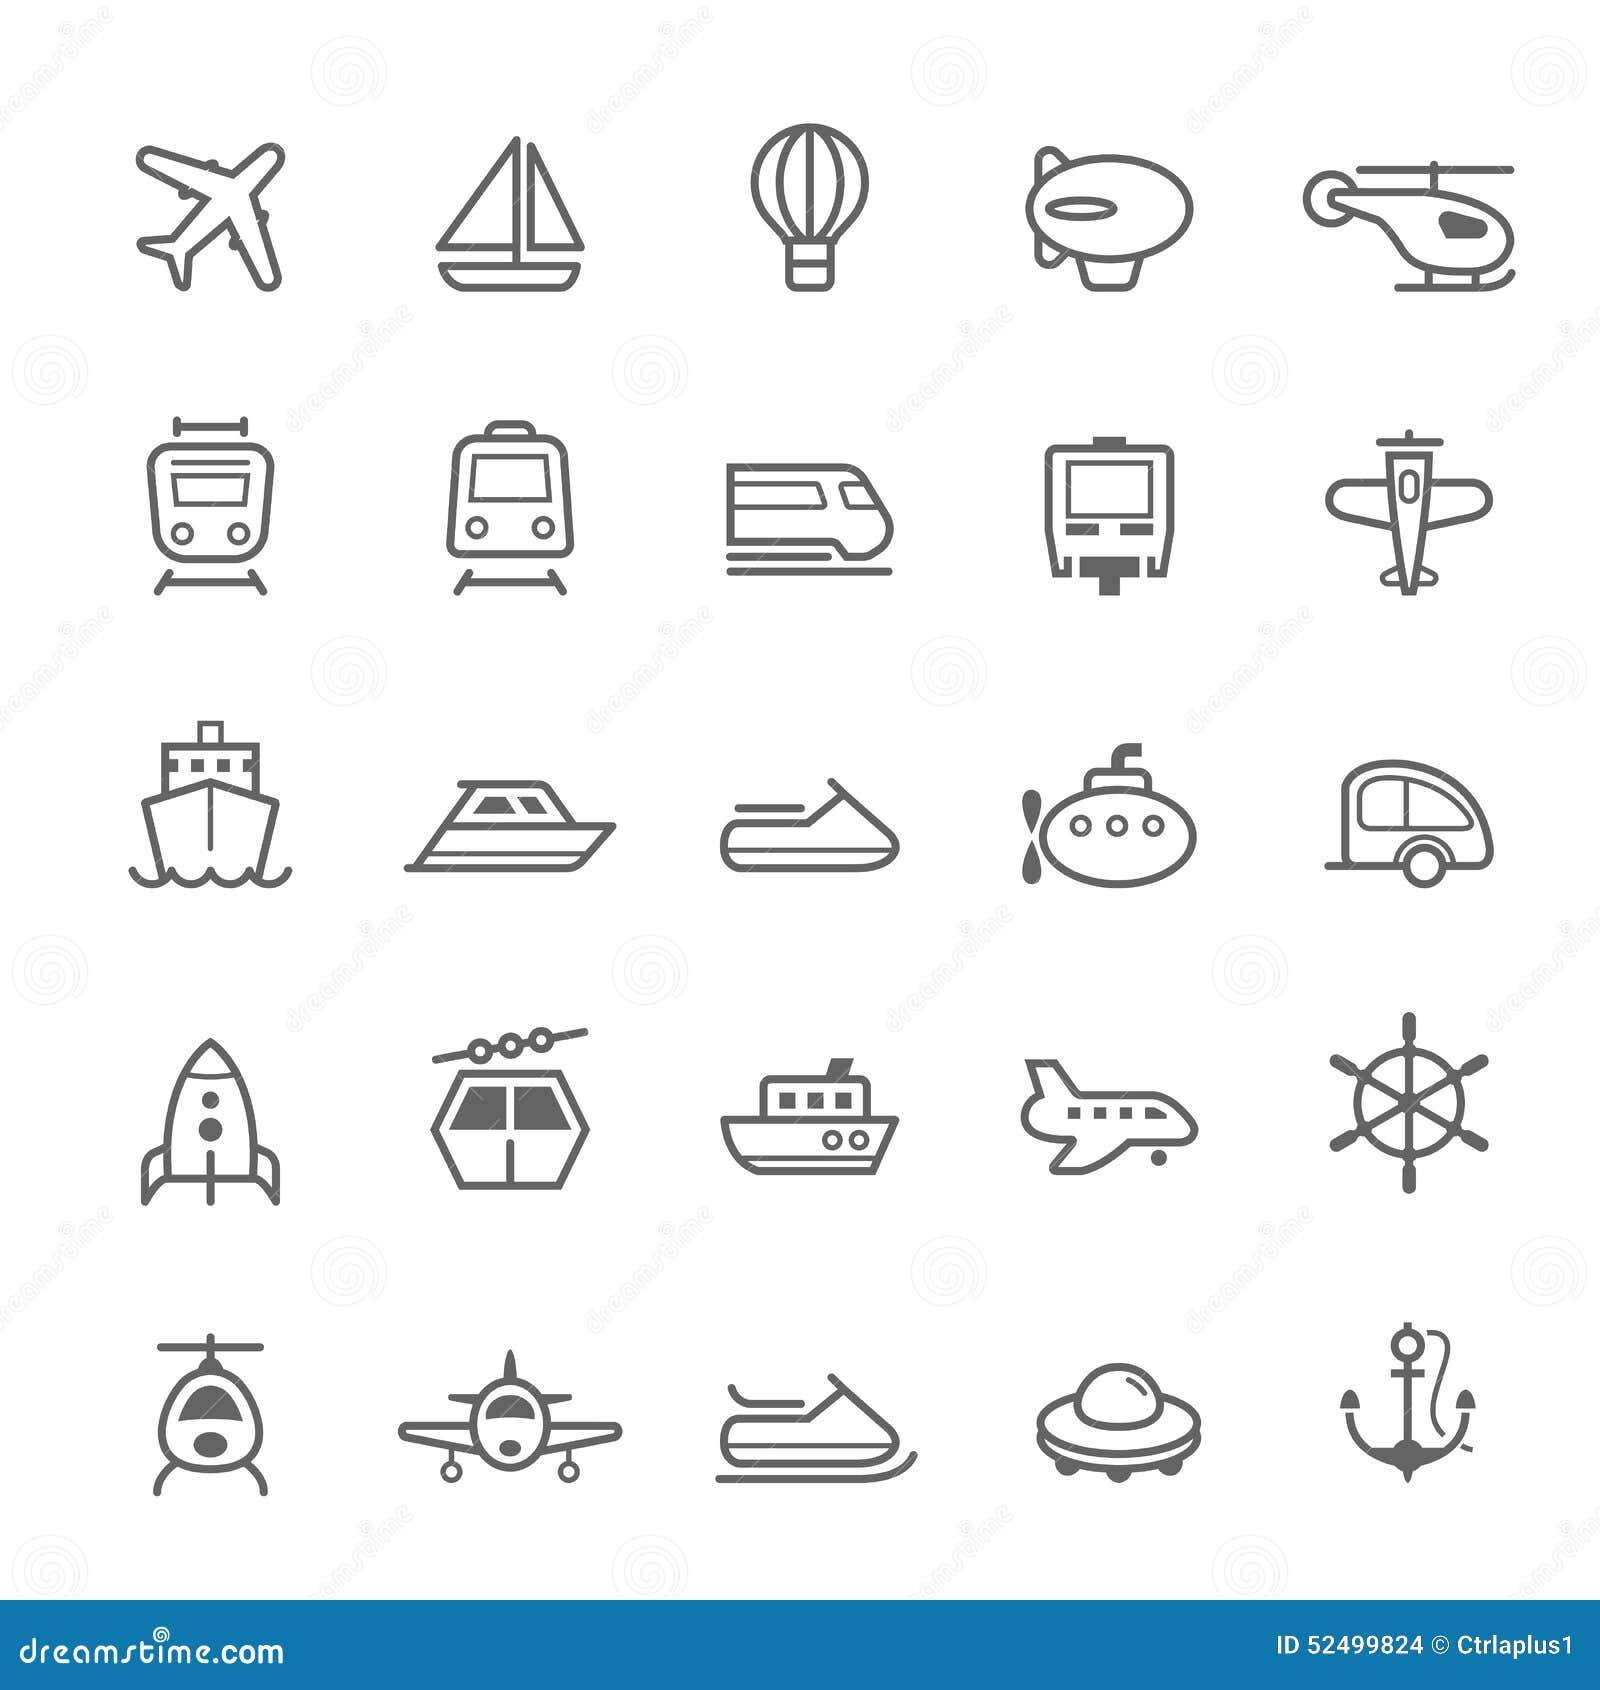 Transportieren Sie Ikonen auf weißem BackgroundTransport-Ikonen Entwurfs-Anschlag auf weißem Hintergrund